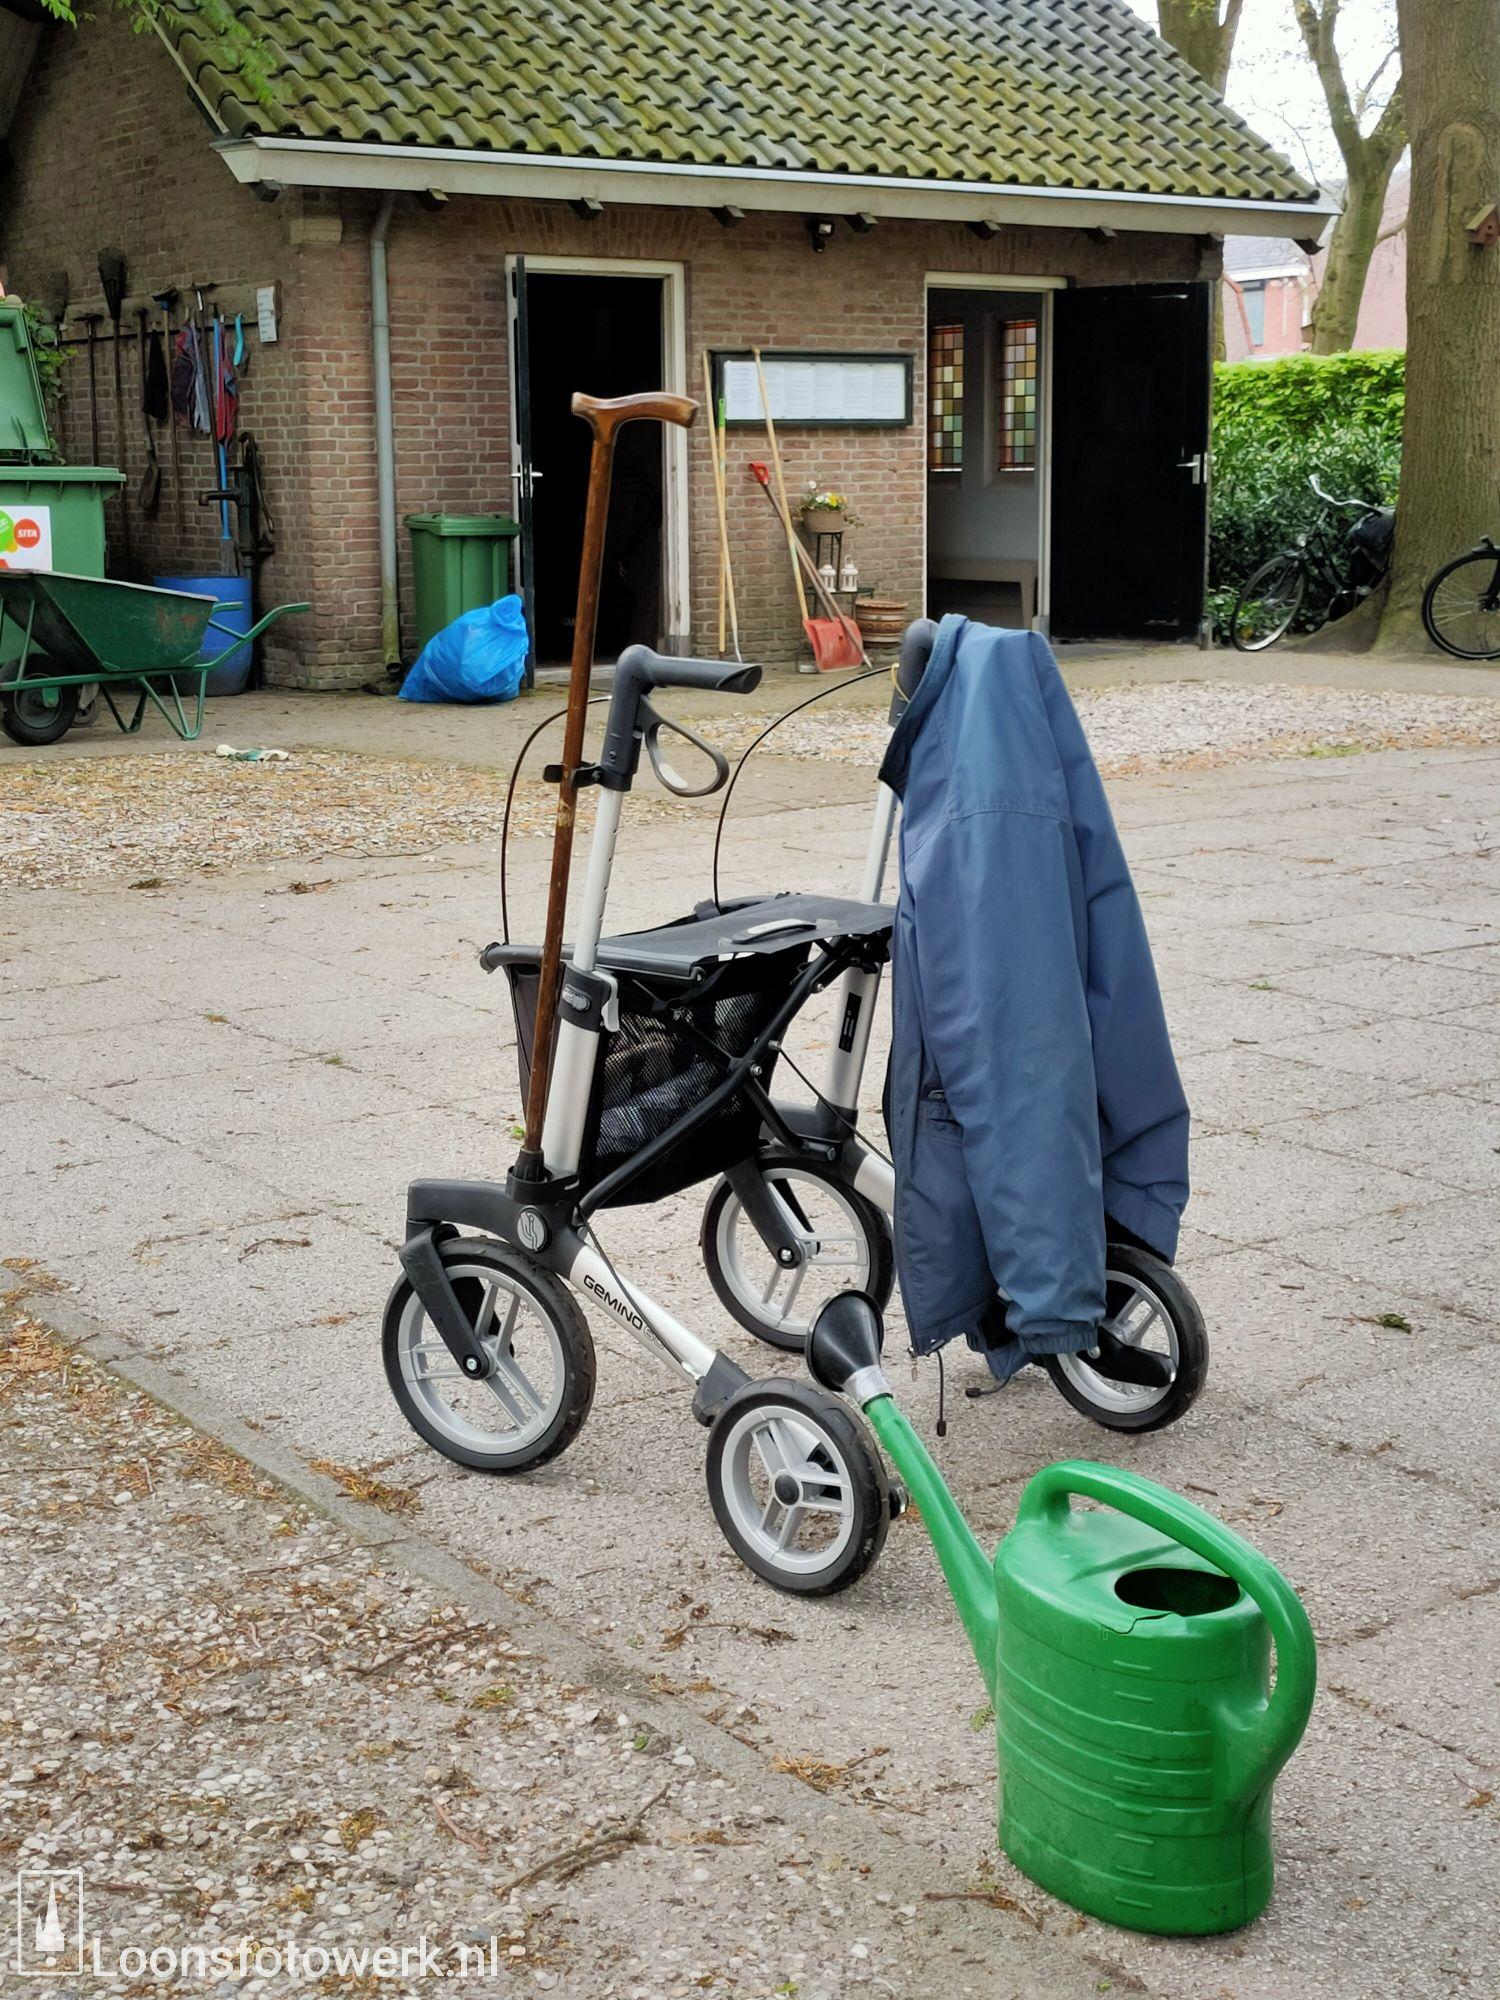 Henk van der Velden 23